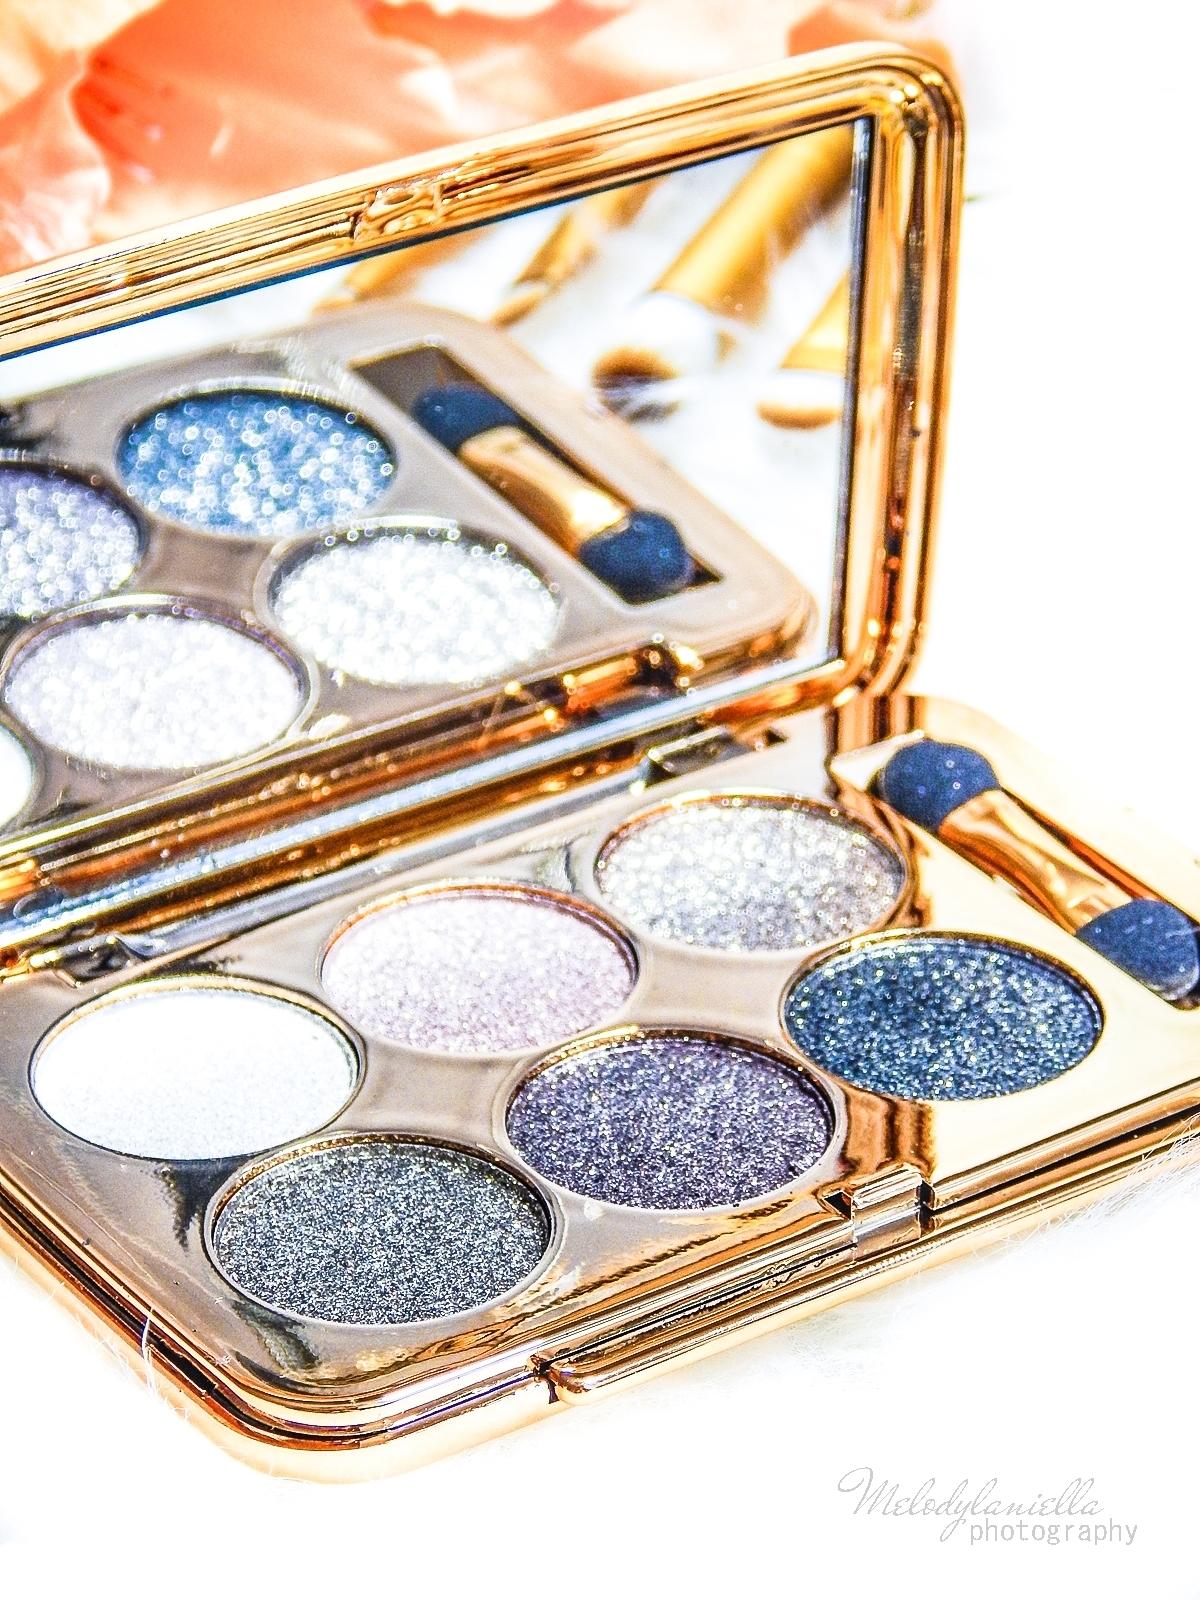 7 azjatyckie chińskie kosmetyki recenzja melodylaniella beauty paleta 6 cieni brokatowe cienie do powiek sammydress cienie do powiek ze złotem i brokatem karnawałowy makeup